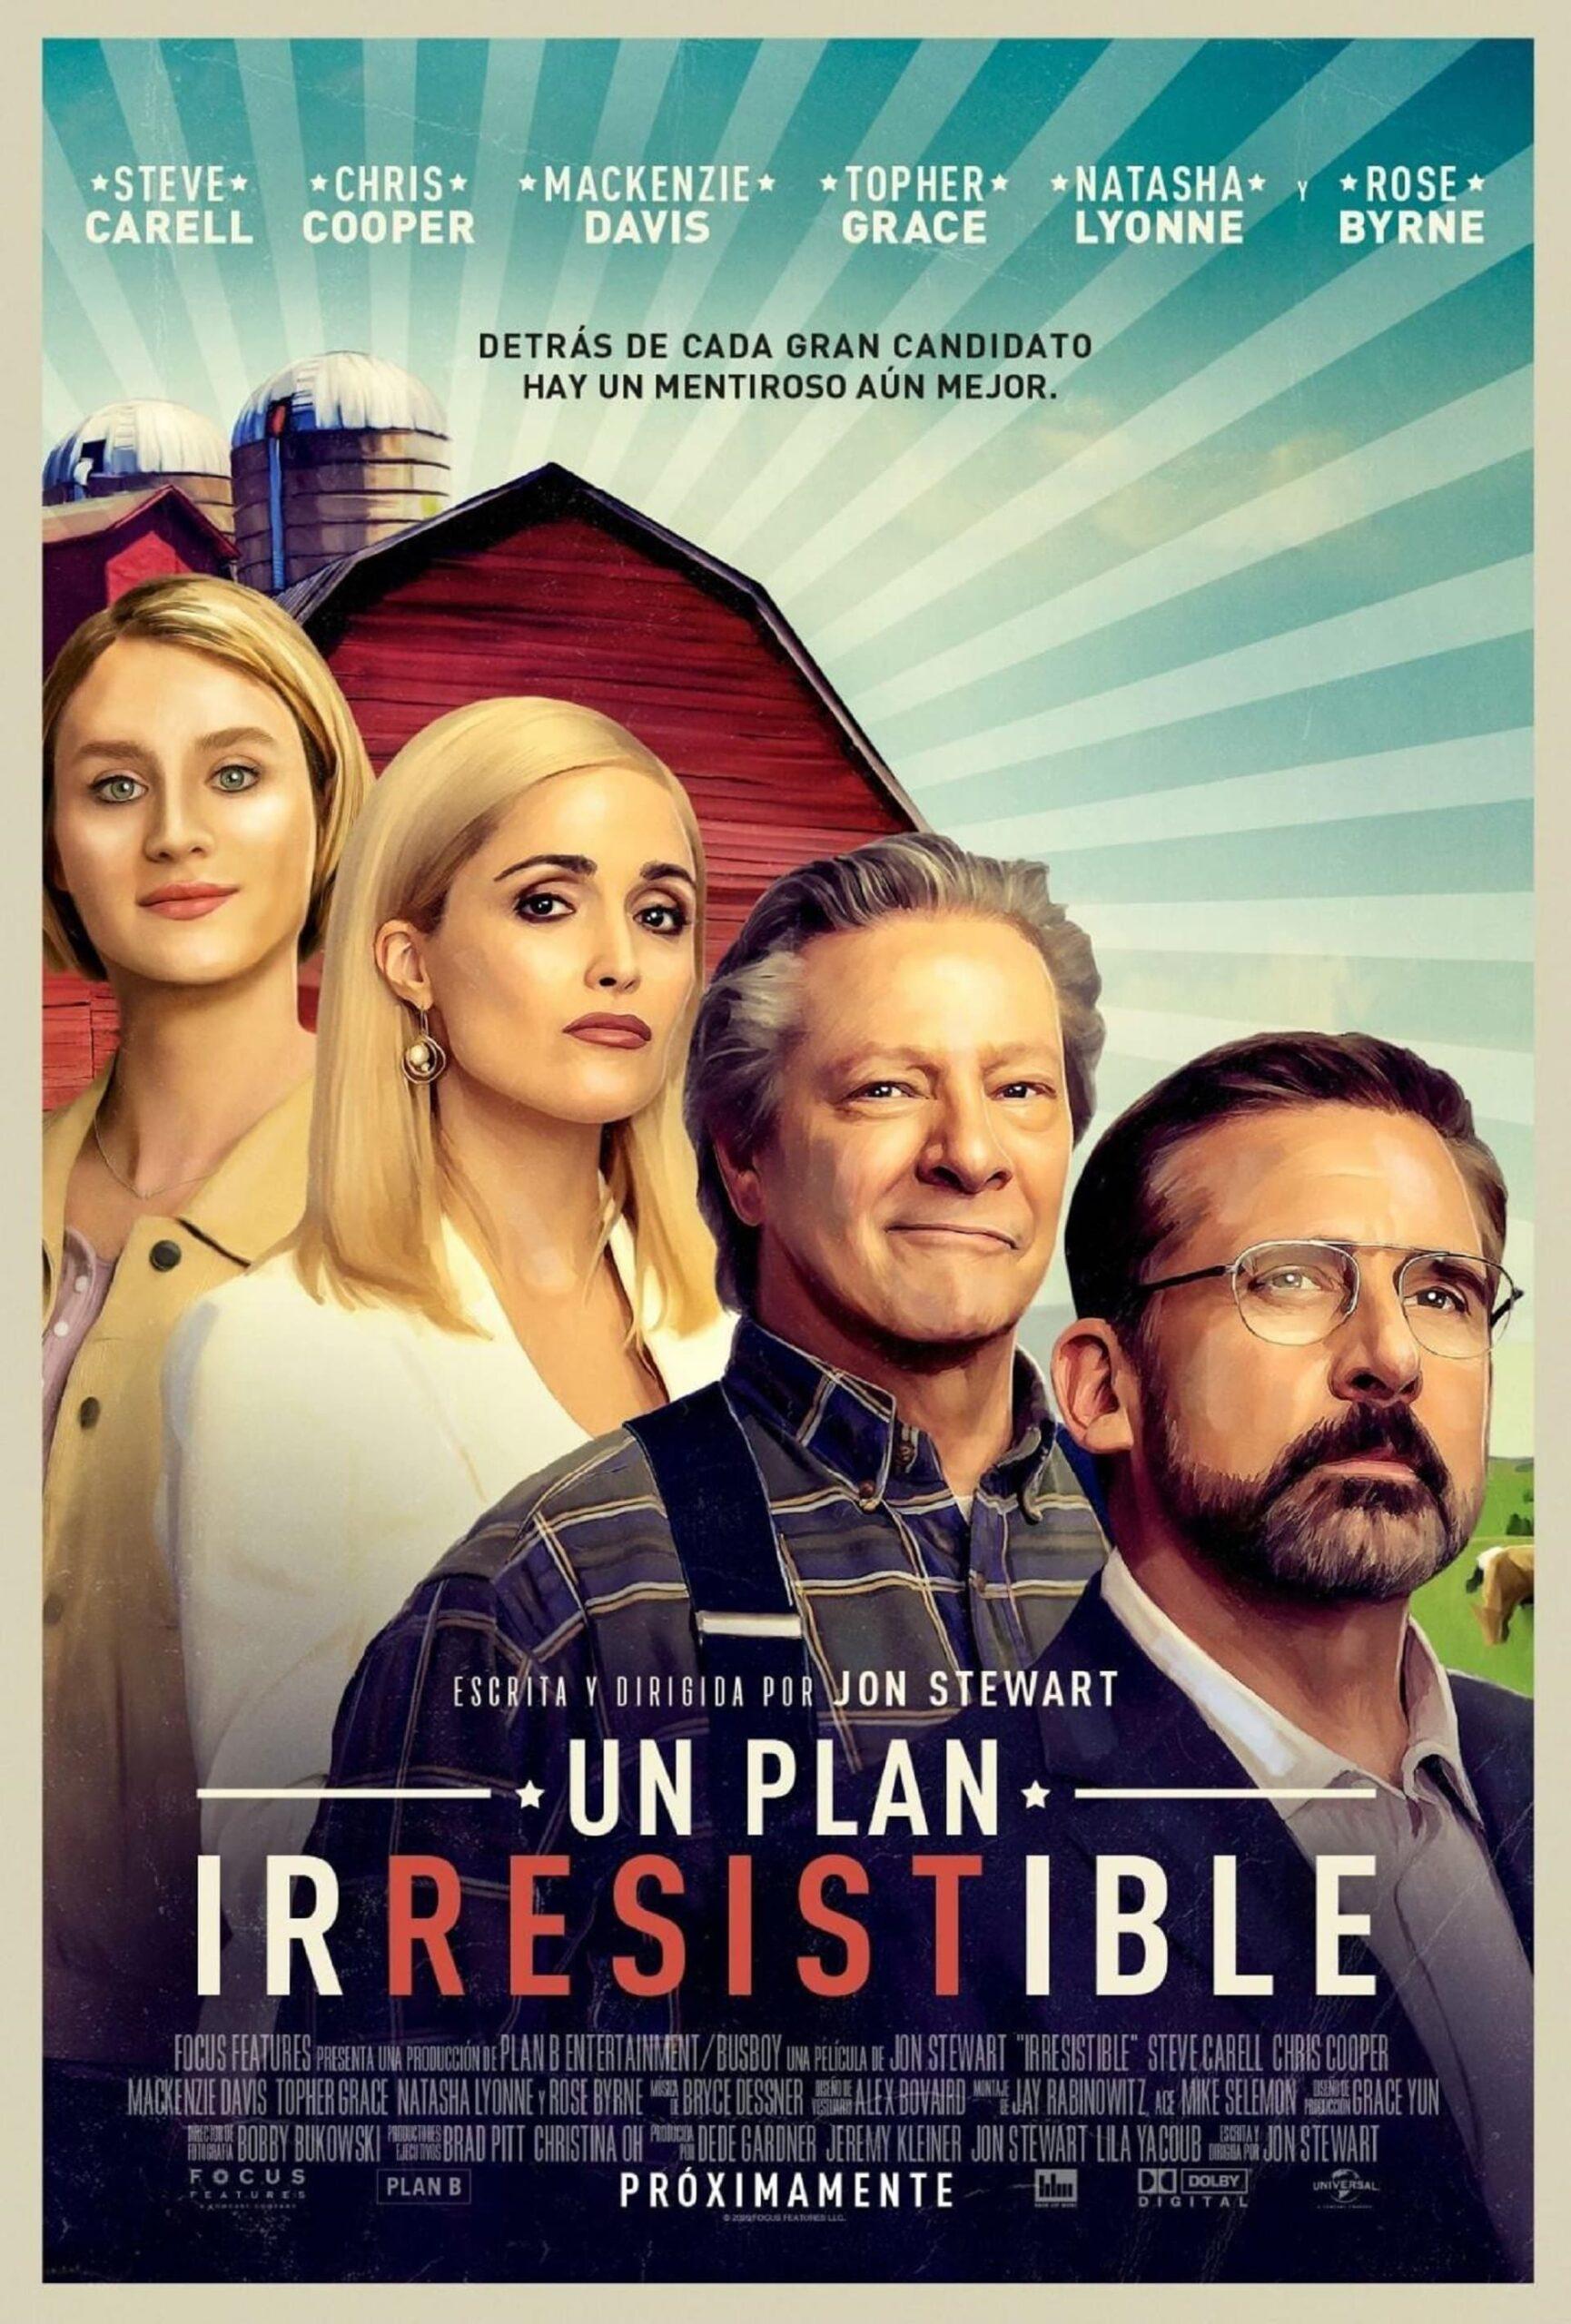 La película con Steve Carrell y Chris Cooper en HBO Max